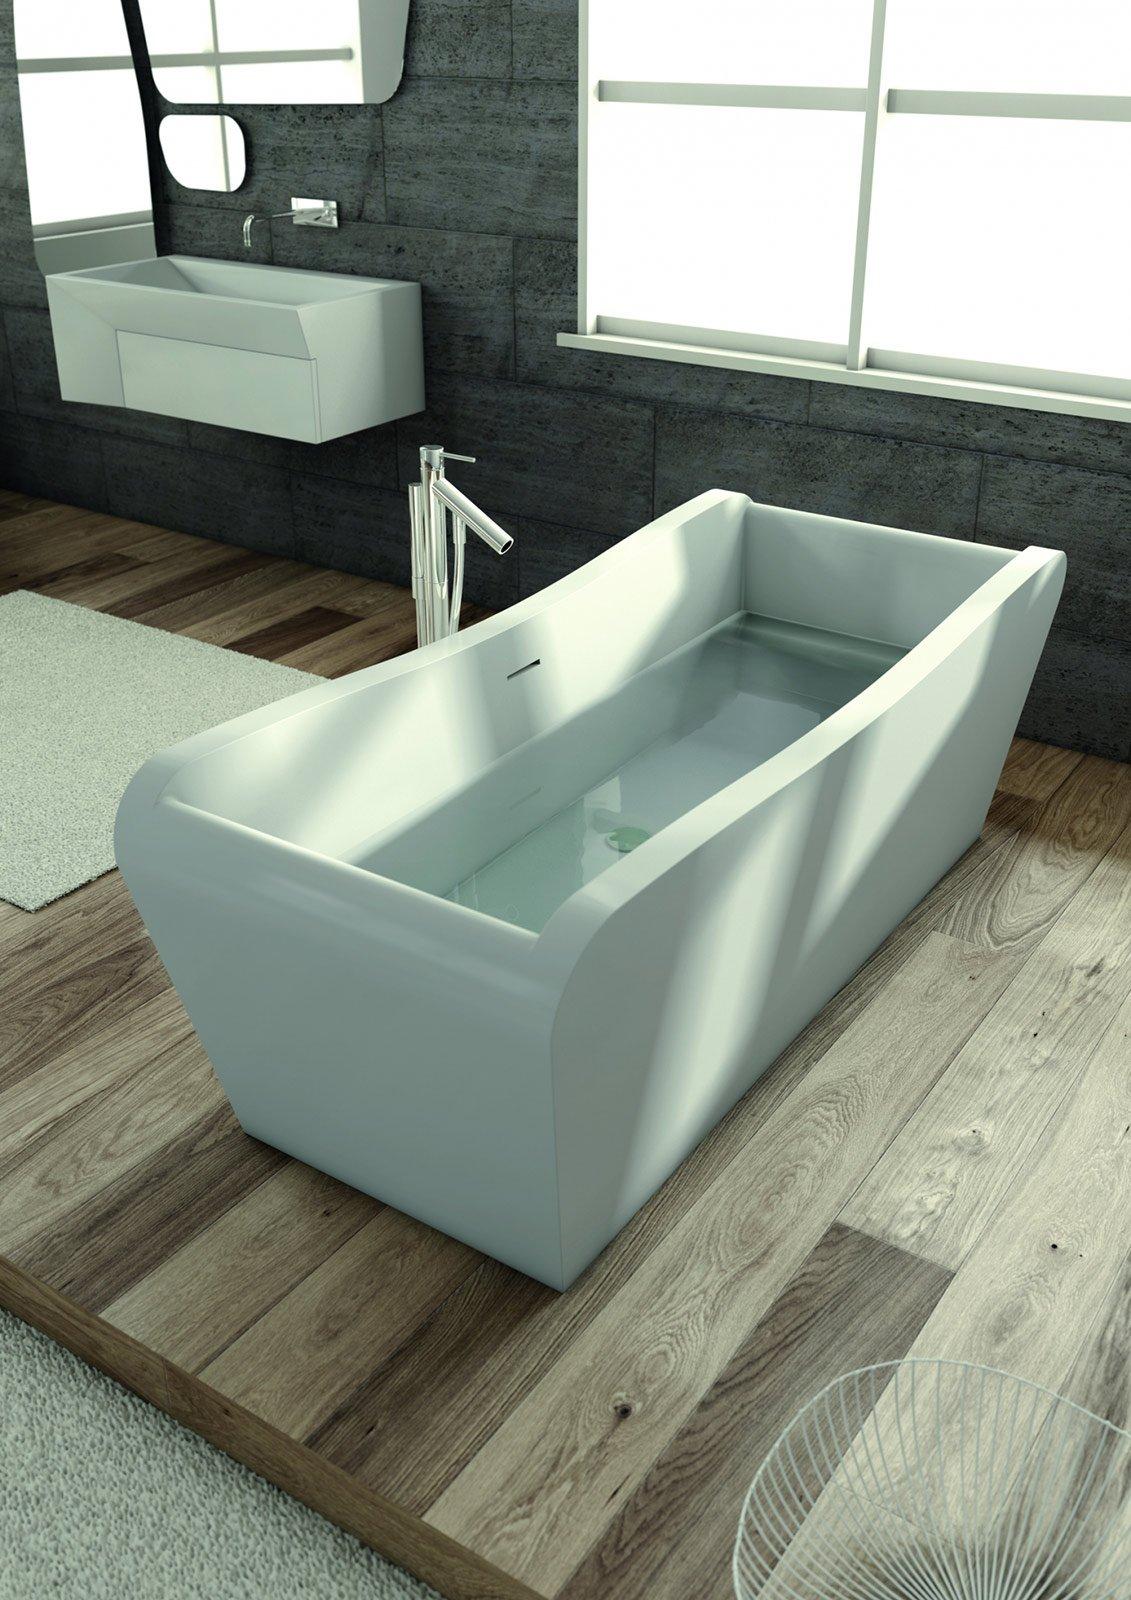 realizzata in corian brevettato da dupont la vasca amaca di planit ha